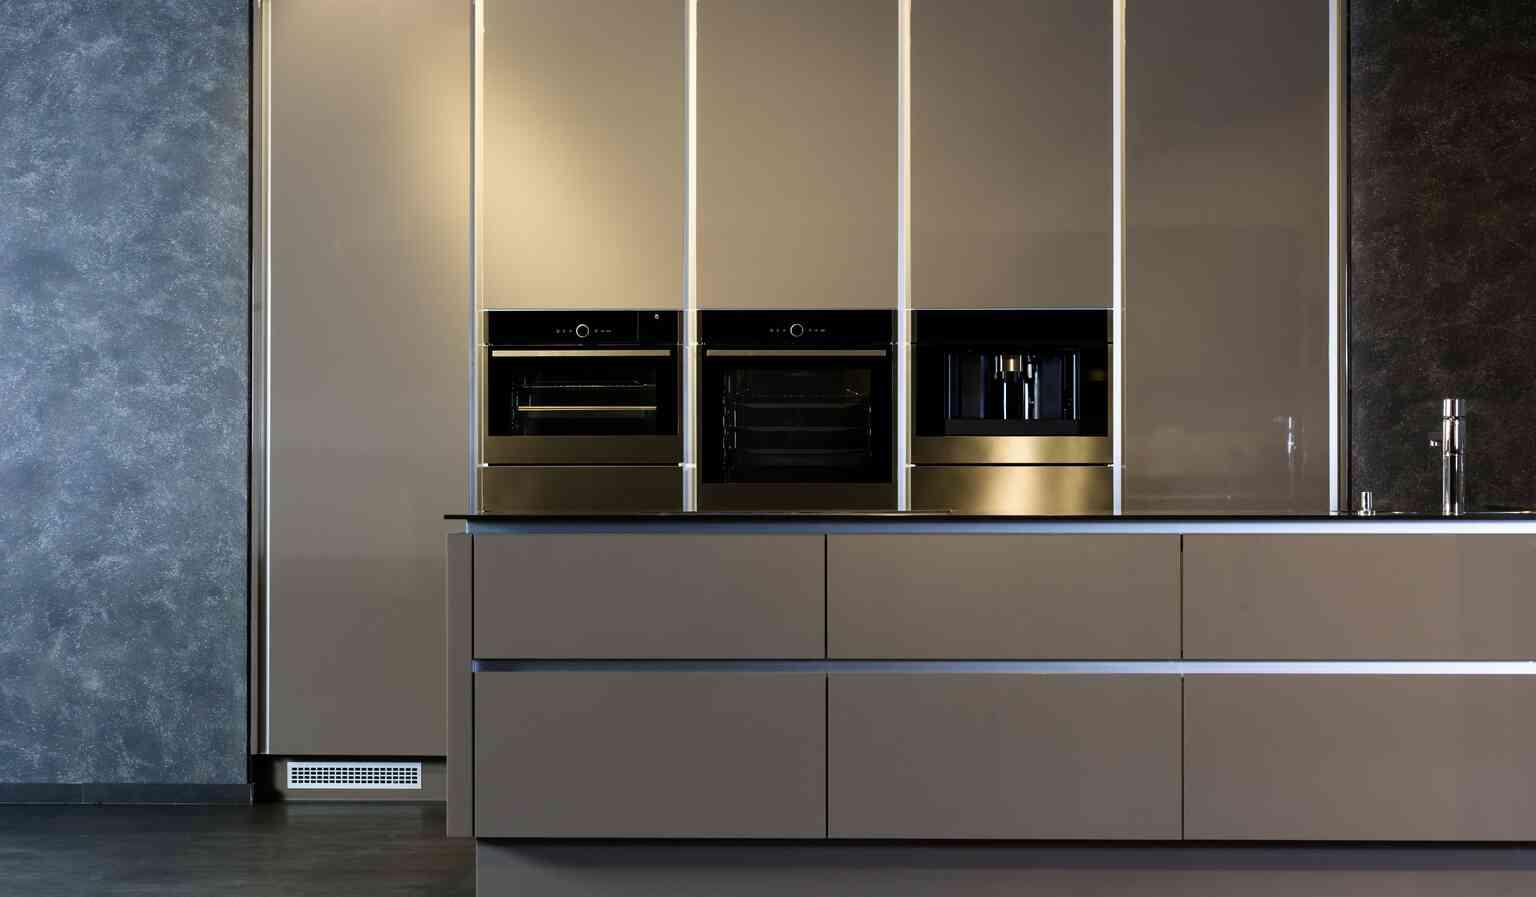 קולקציית דלתות זכוכית למטבחים ורהיטים מבית PORTALINE | בלורן פרזול